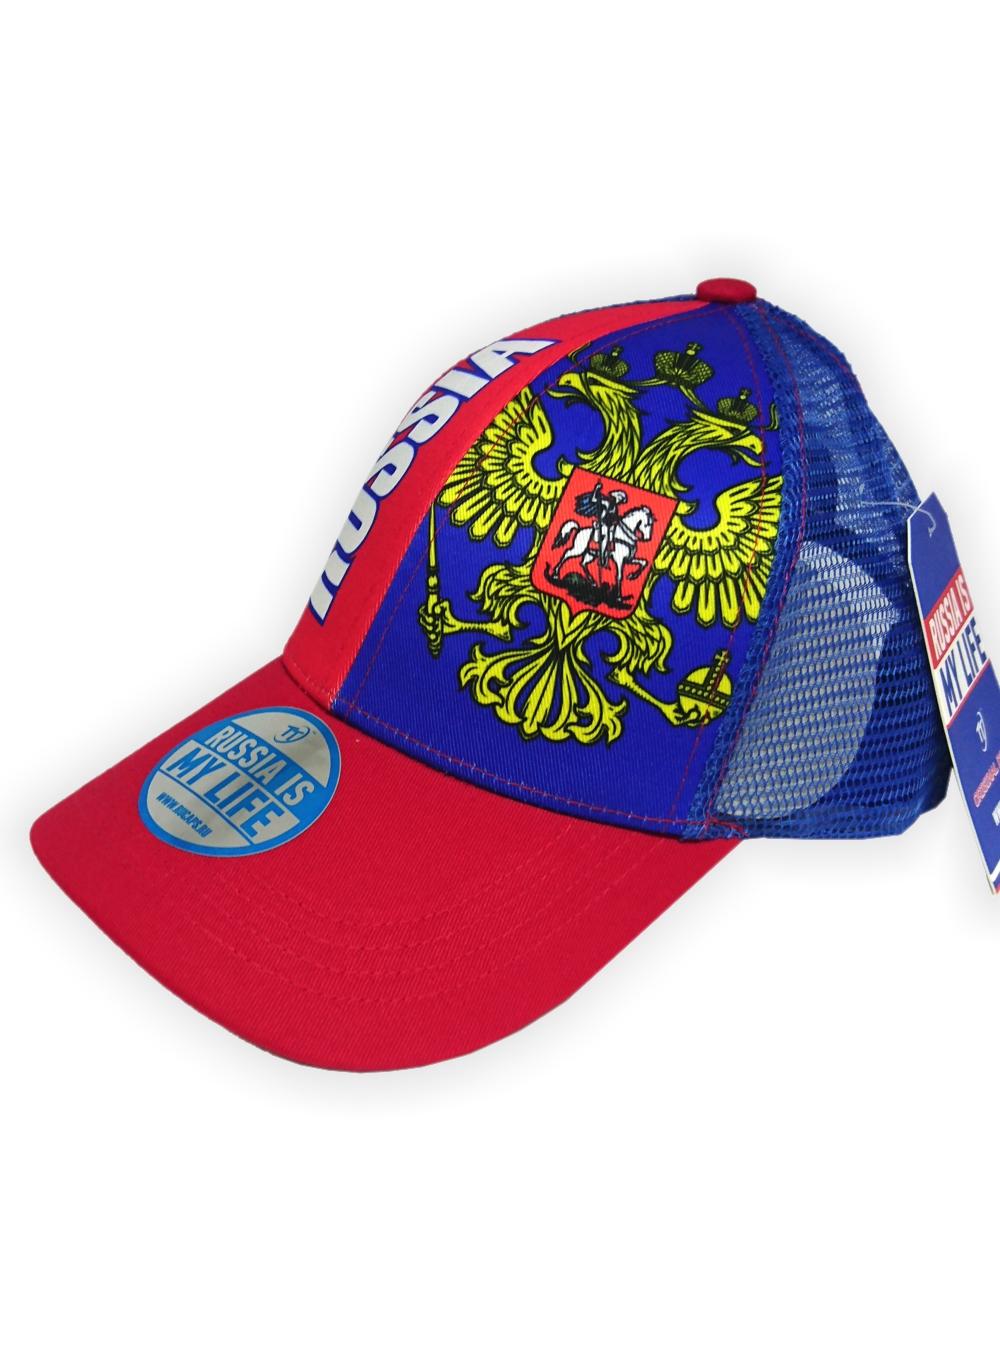 Бейсболка Россия летняя, цвет красный, синийБейсболки<br>Бейсболка Россия летняя, цвет красный, синий<br>